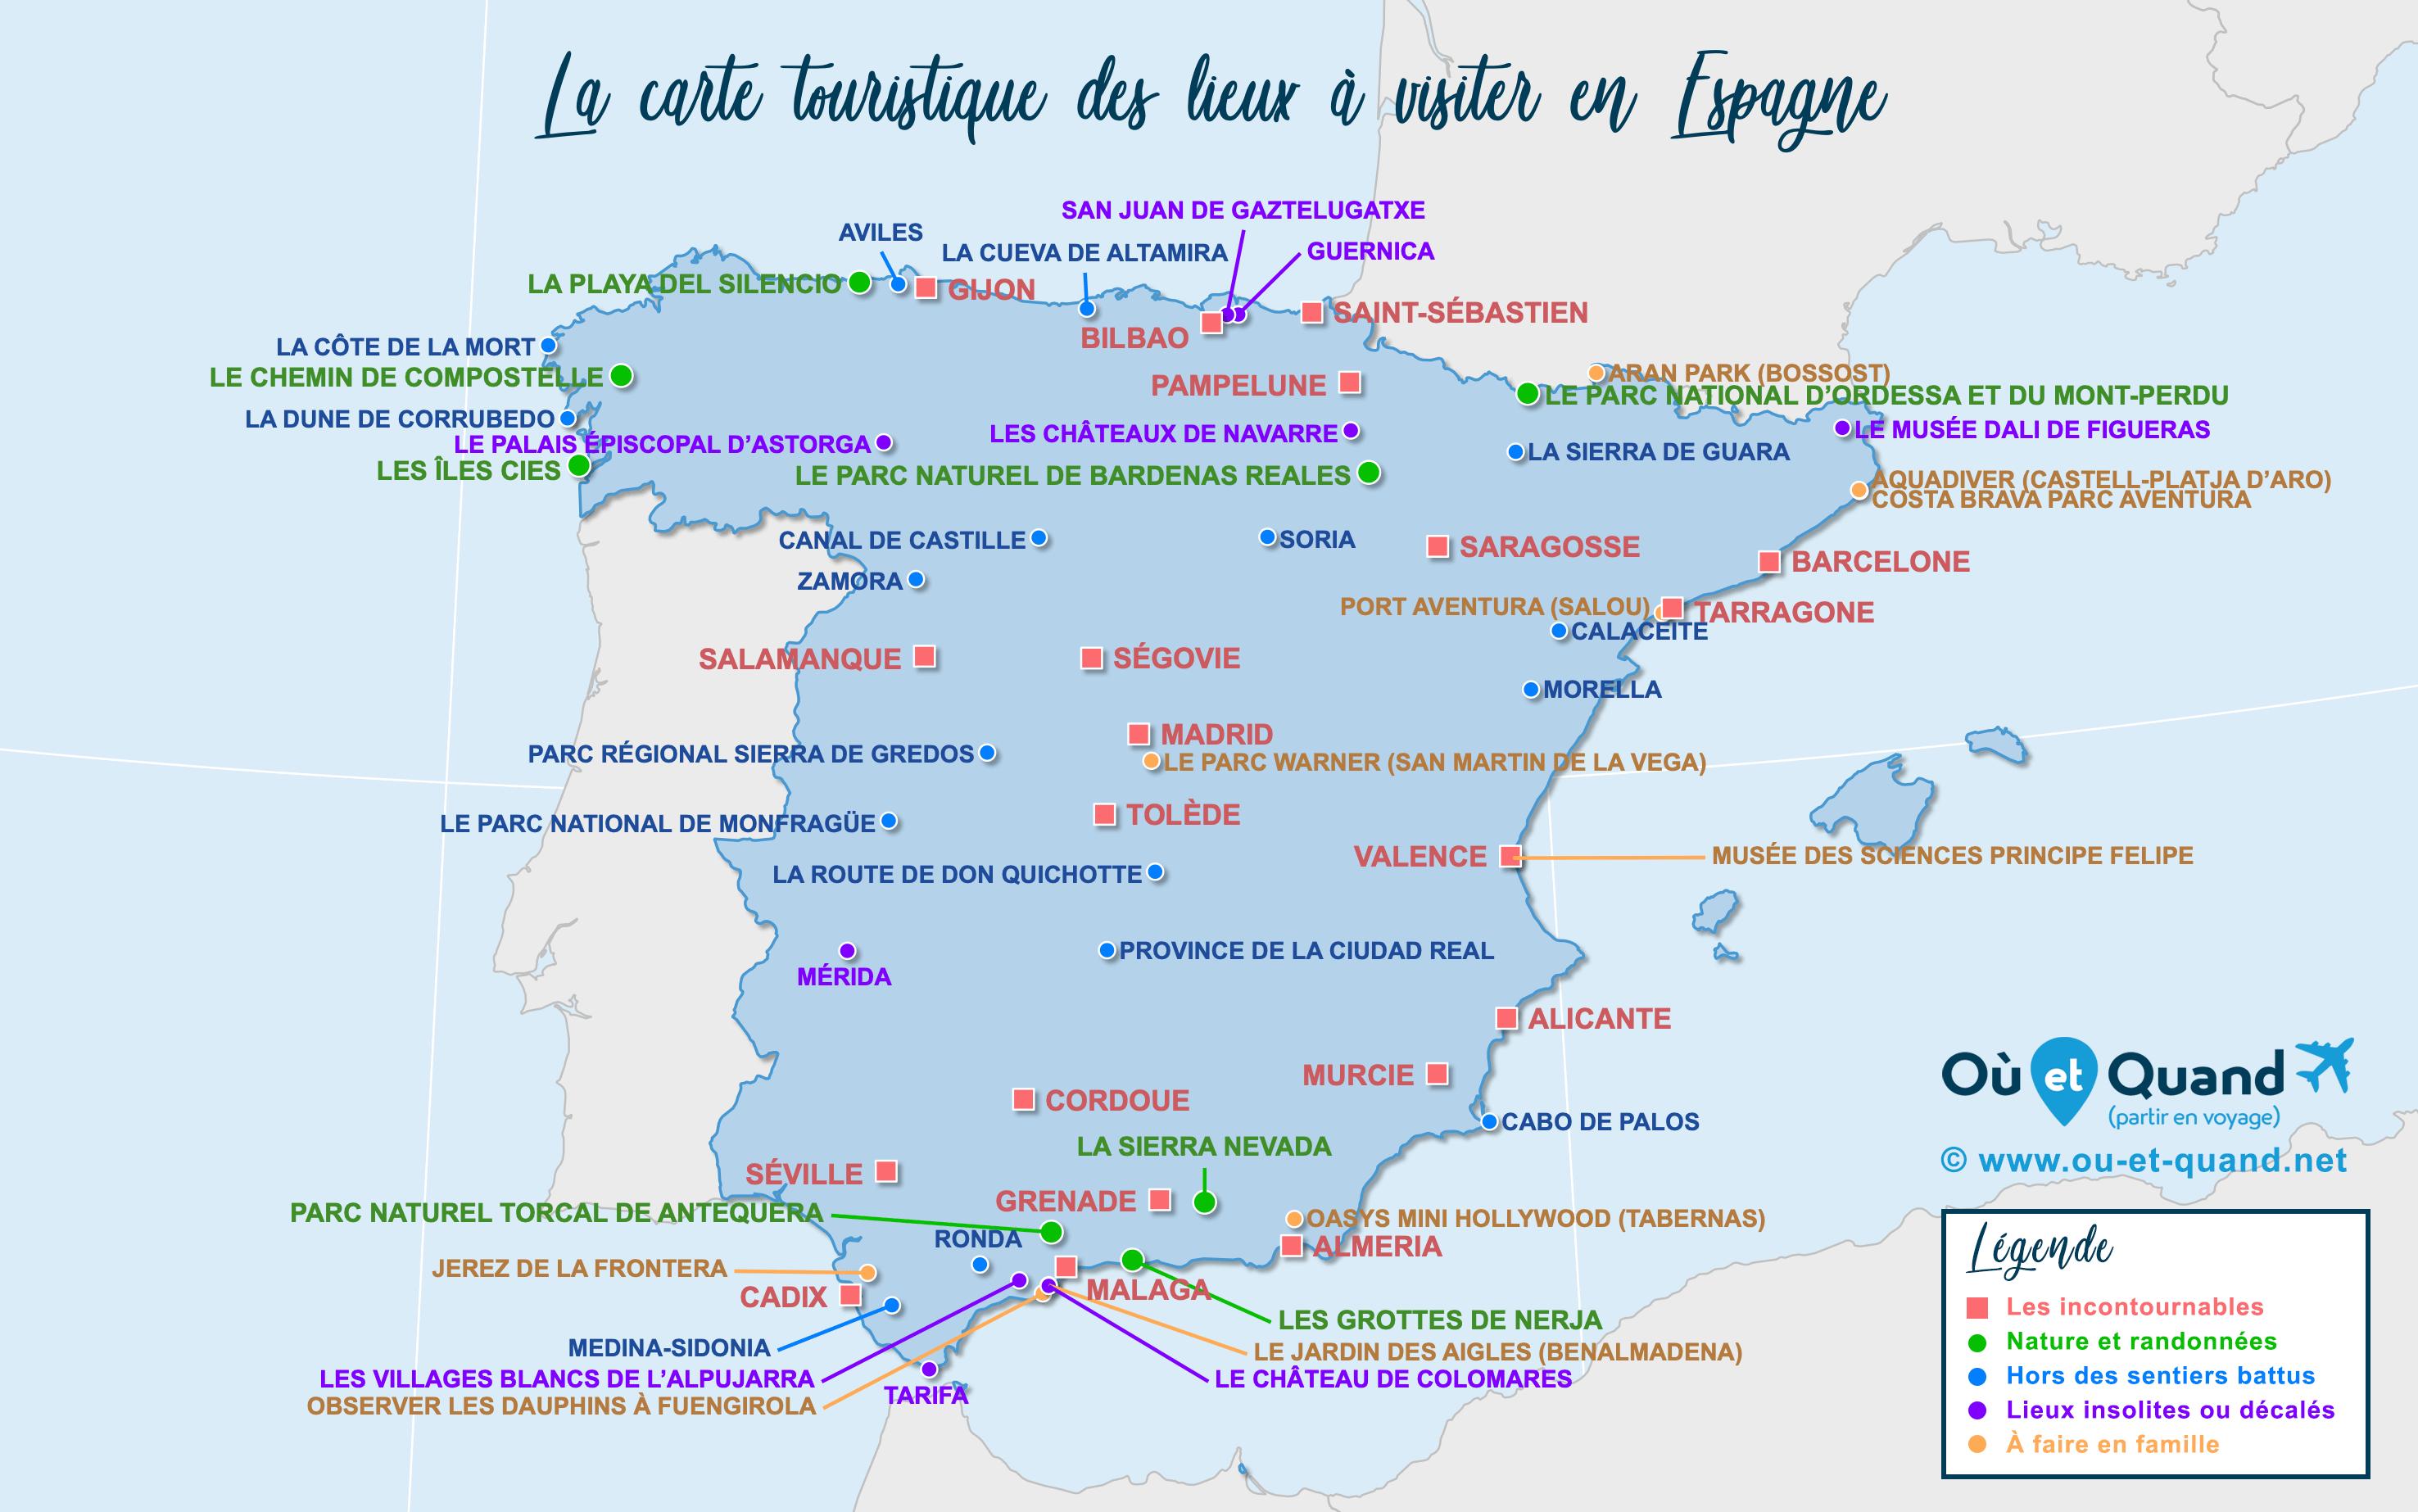 Carte Espagne : tous les lieux à visiter lors de votre voyage